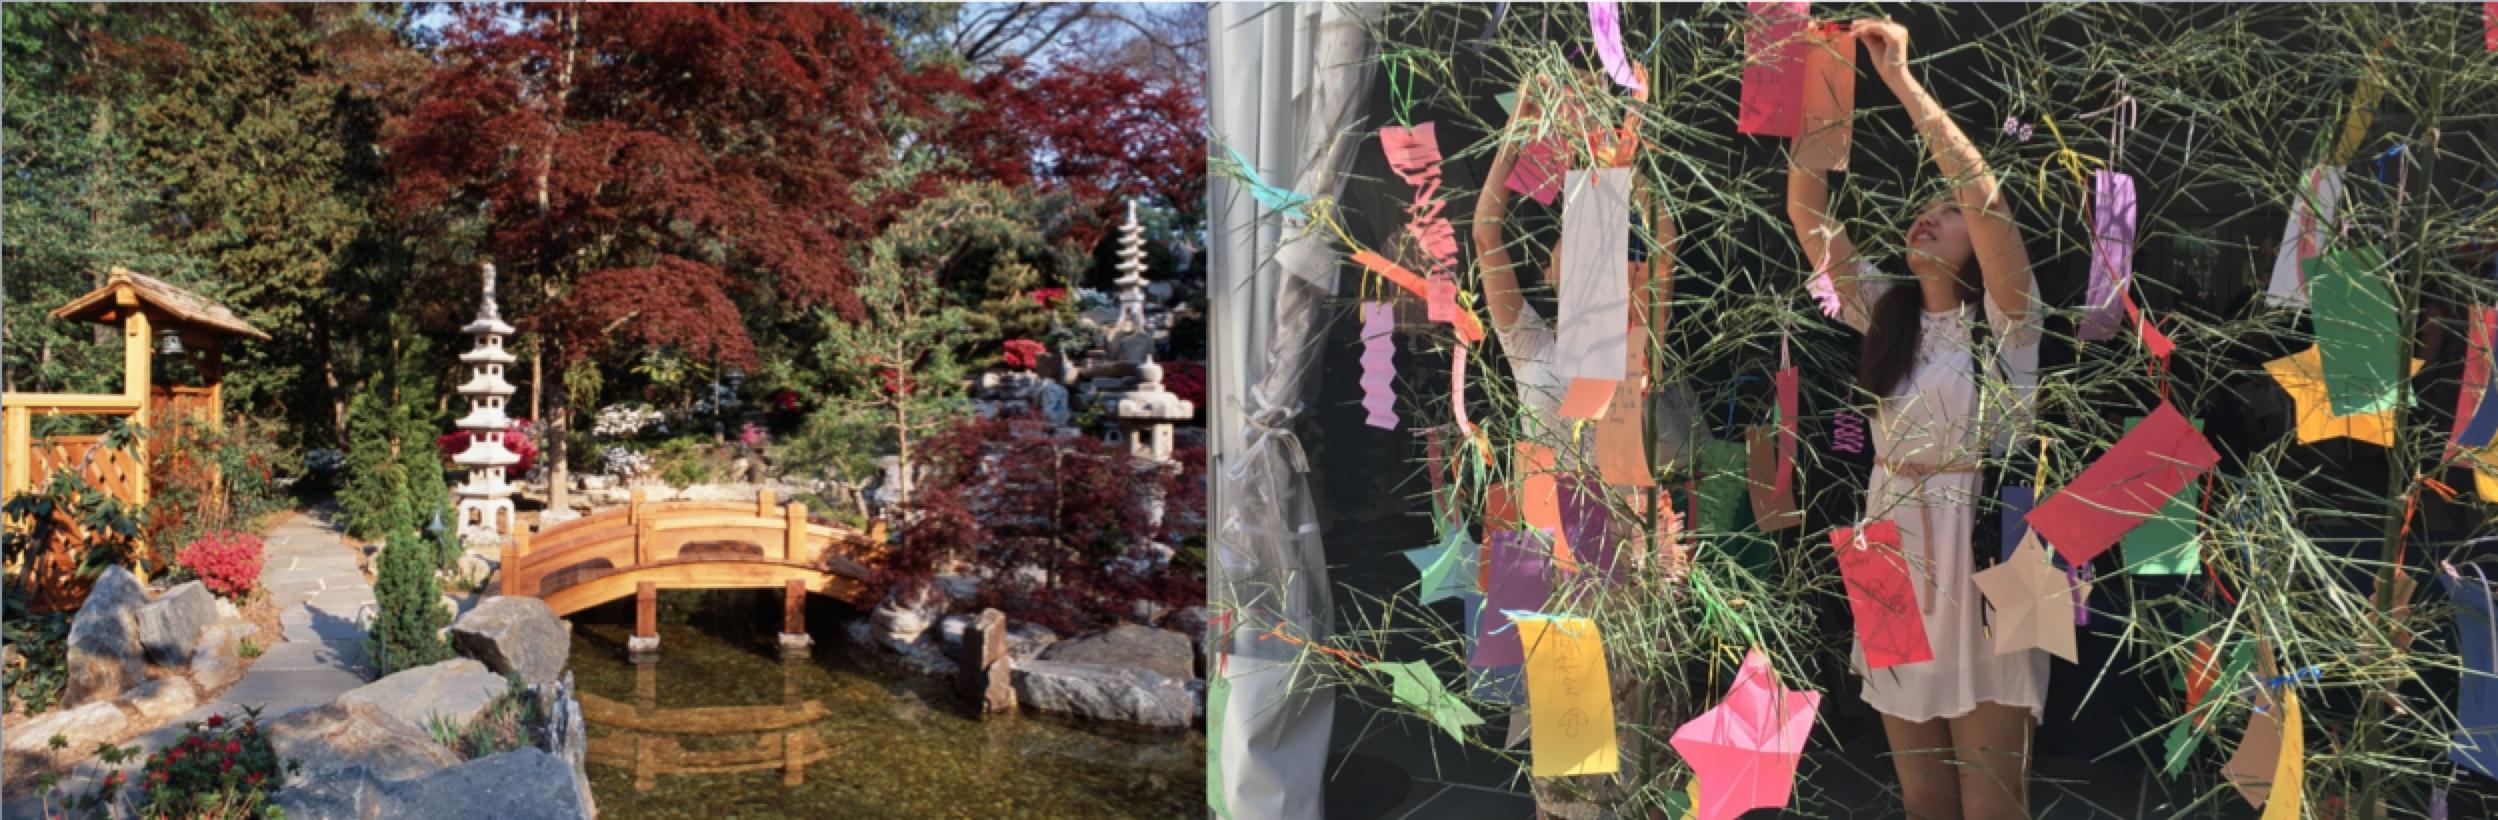 Hillwood Gardens composite for Arts Japan Summer Festivals article 2019.png